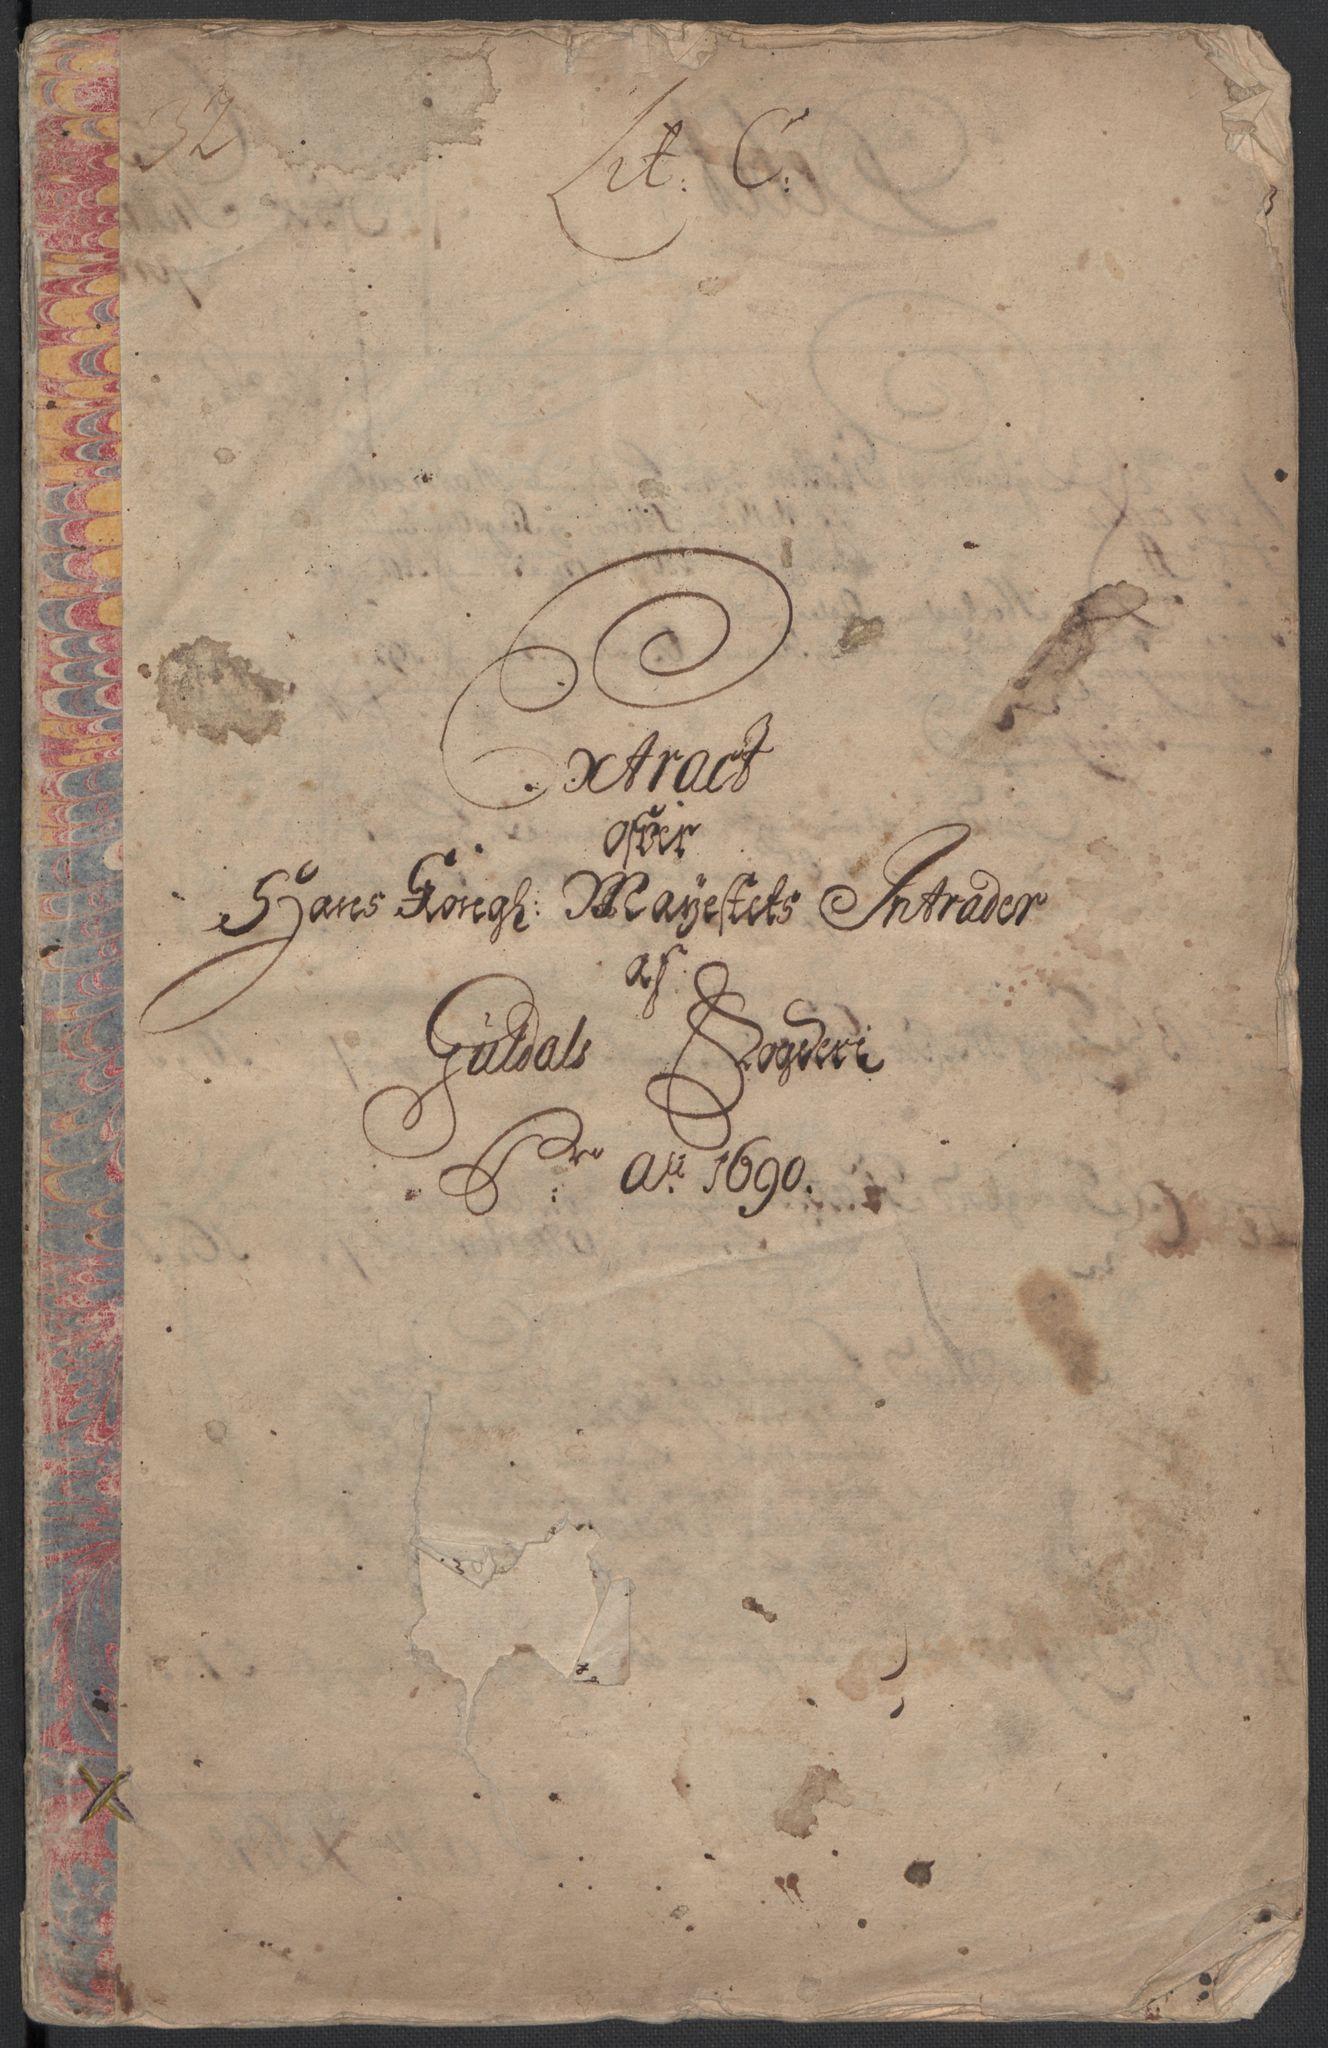 RA, Rentekammeret inntil 1814, Reviderte regnskaper, Fogderegnskap, R59/L3940: Fogderegnskap Gauldal, 1689-1690, s. 182